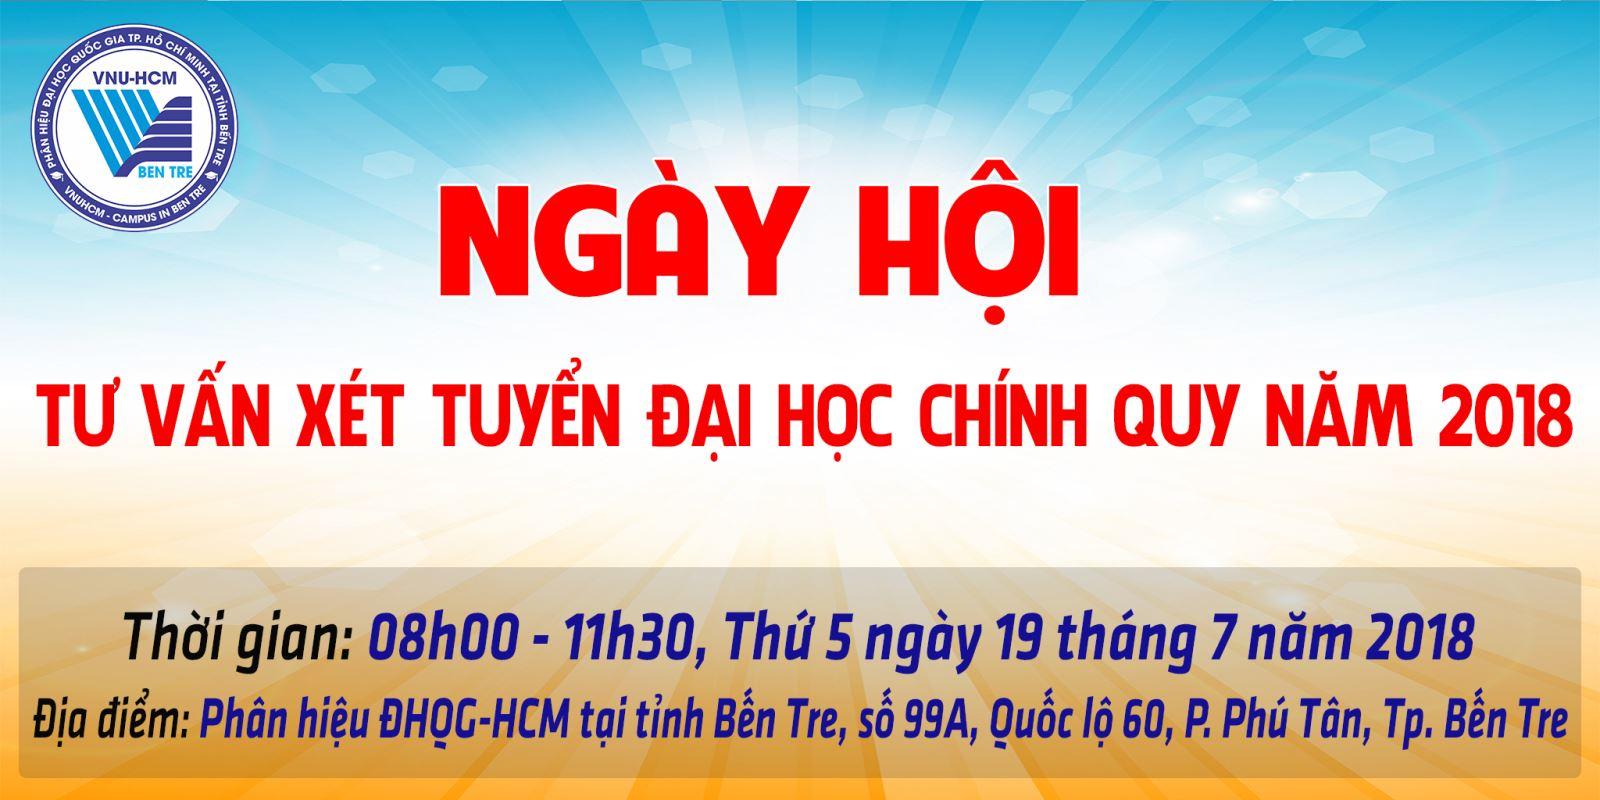 Ngày hội Tư vấn xét tuyển Đại học chính quy năm 2018 tại Phân hiệu ĐHQG-HCM tại tỉnh Bến Tre